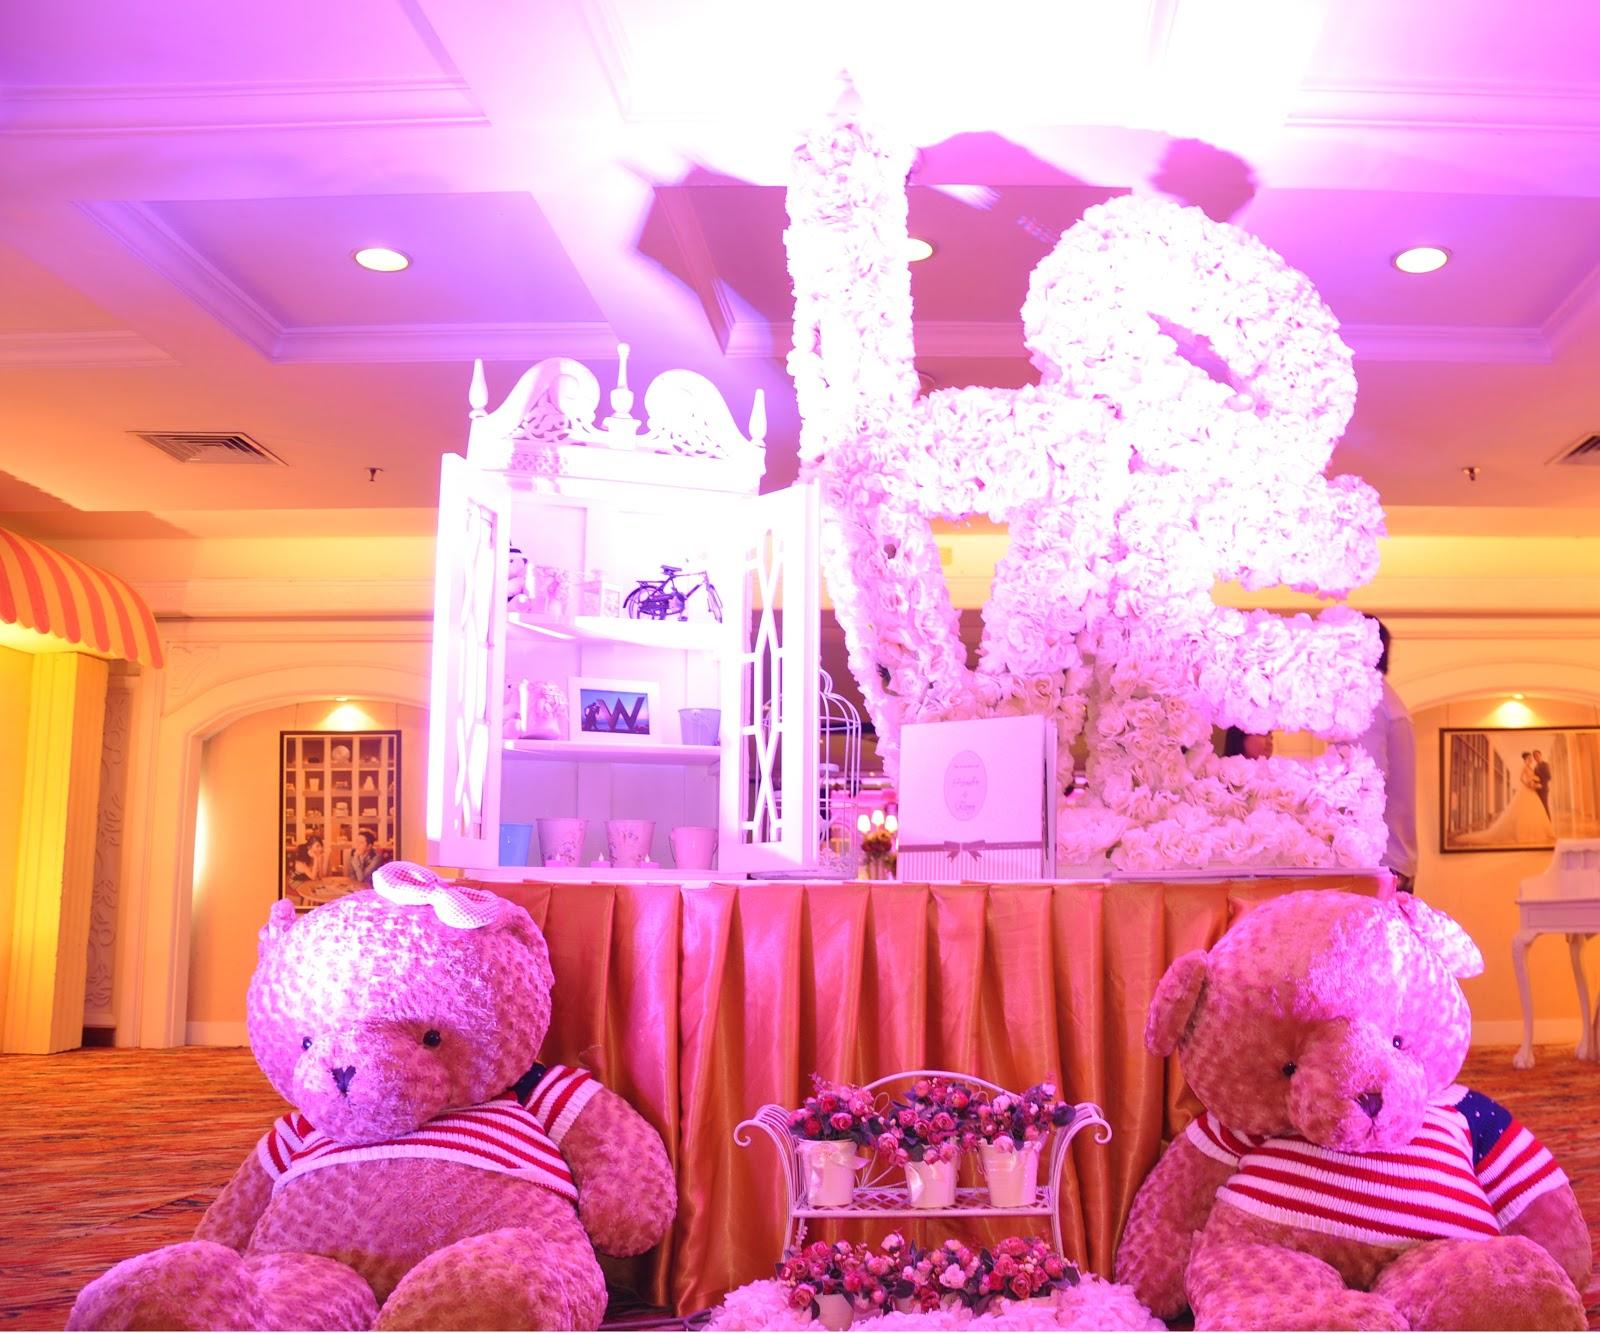 Wedding Decoration: Sweet Moment on November